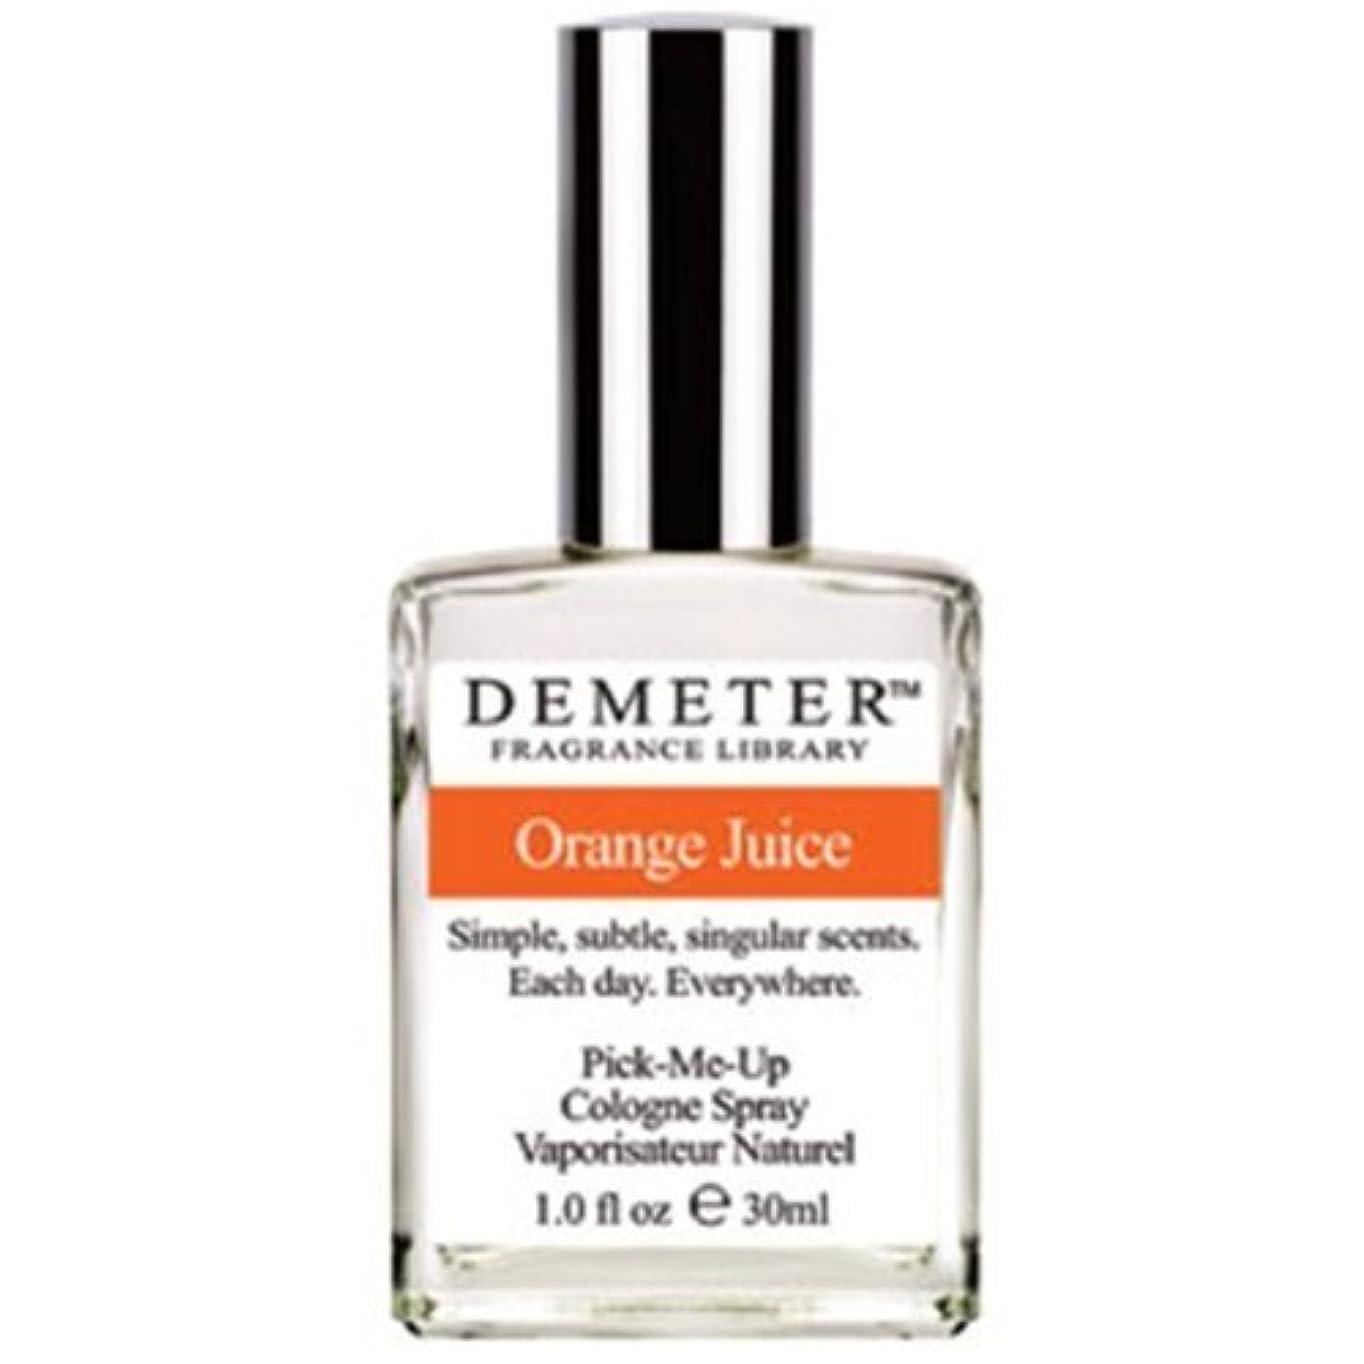 平手打ち驚いたうがいデメター ピックミーアップ コロンスプレー オレンジジュース 30ml (111225108)